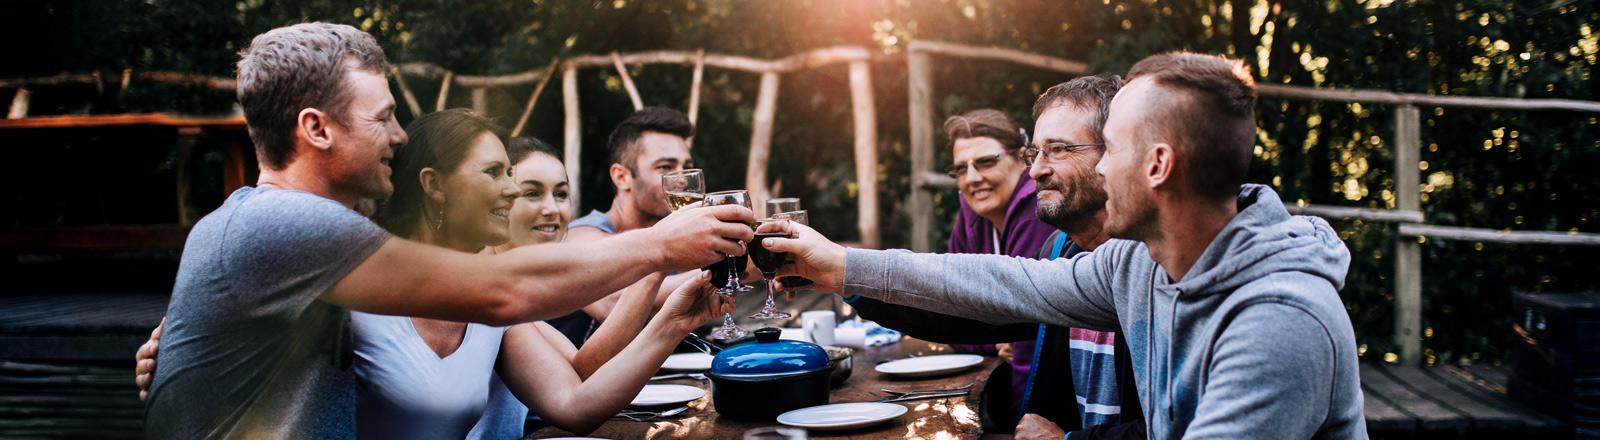 Junge Leute stoßen an einer langen Dinnertafel miteinander an.